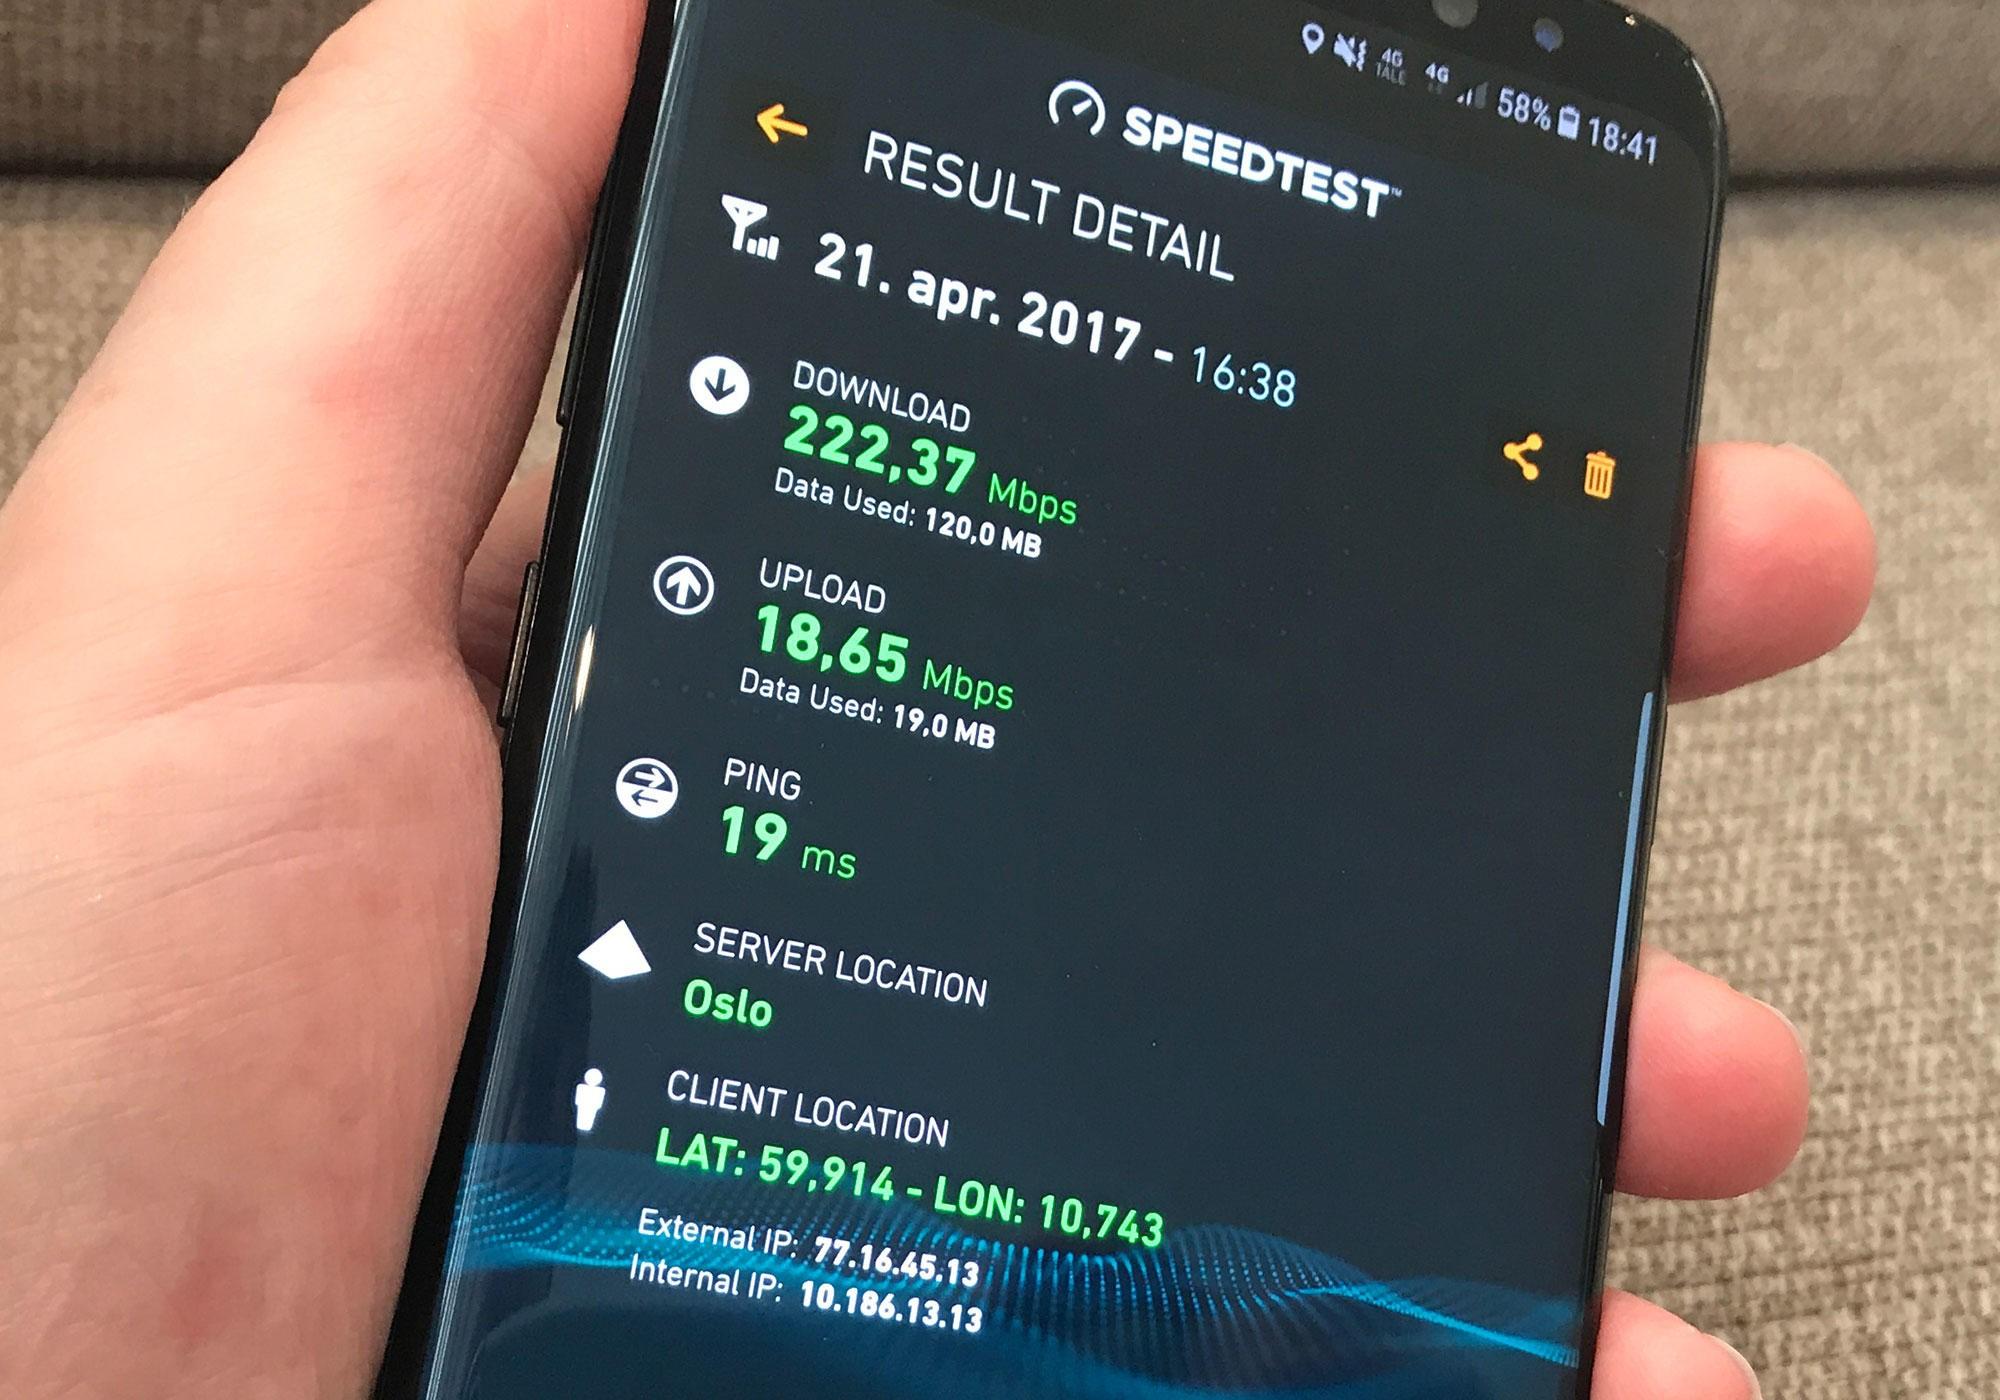 Nye tall fra Ookla viser at Norge har verdens raskeste mobilnett - med ganske solid margin.